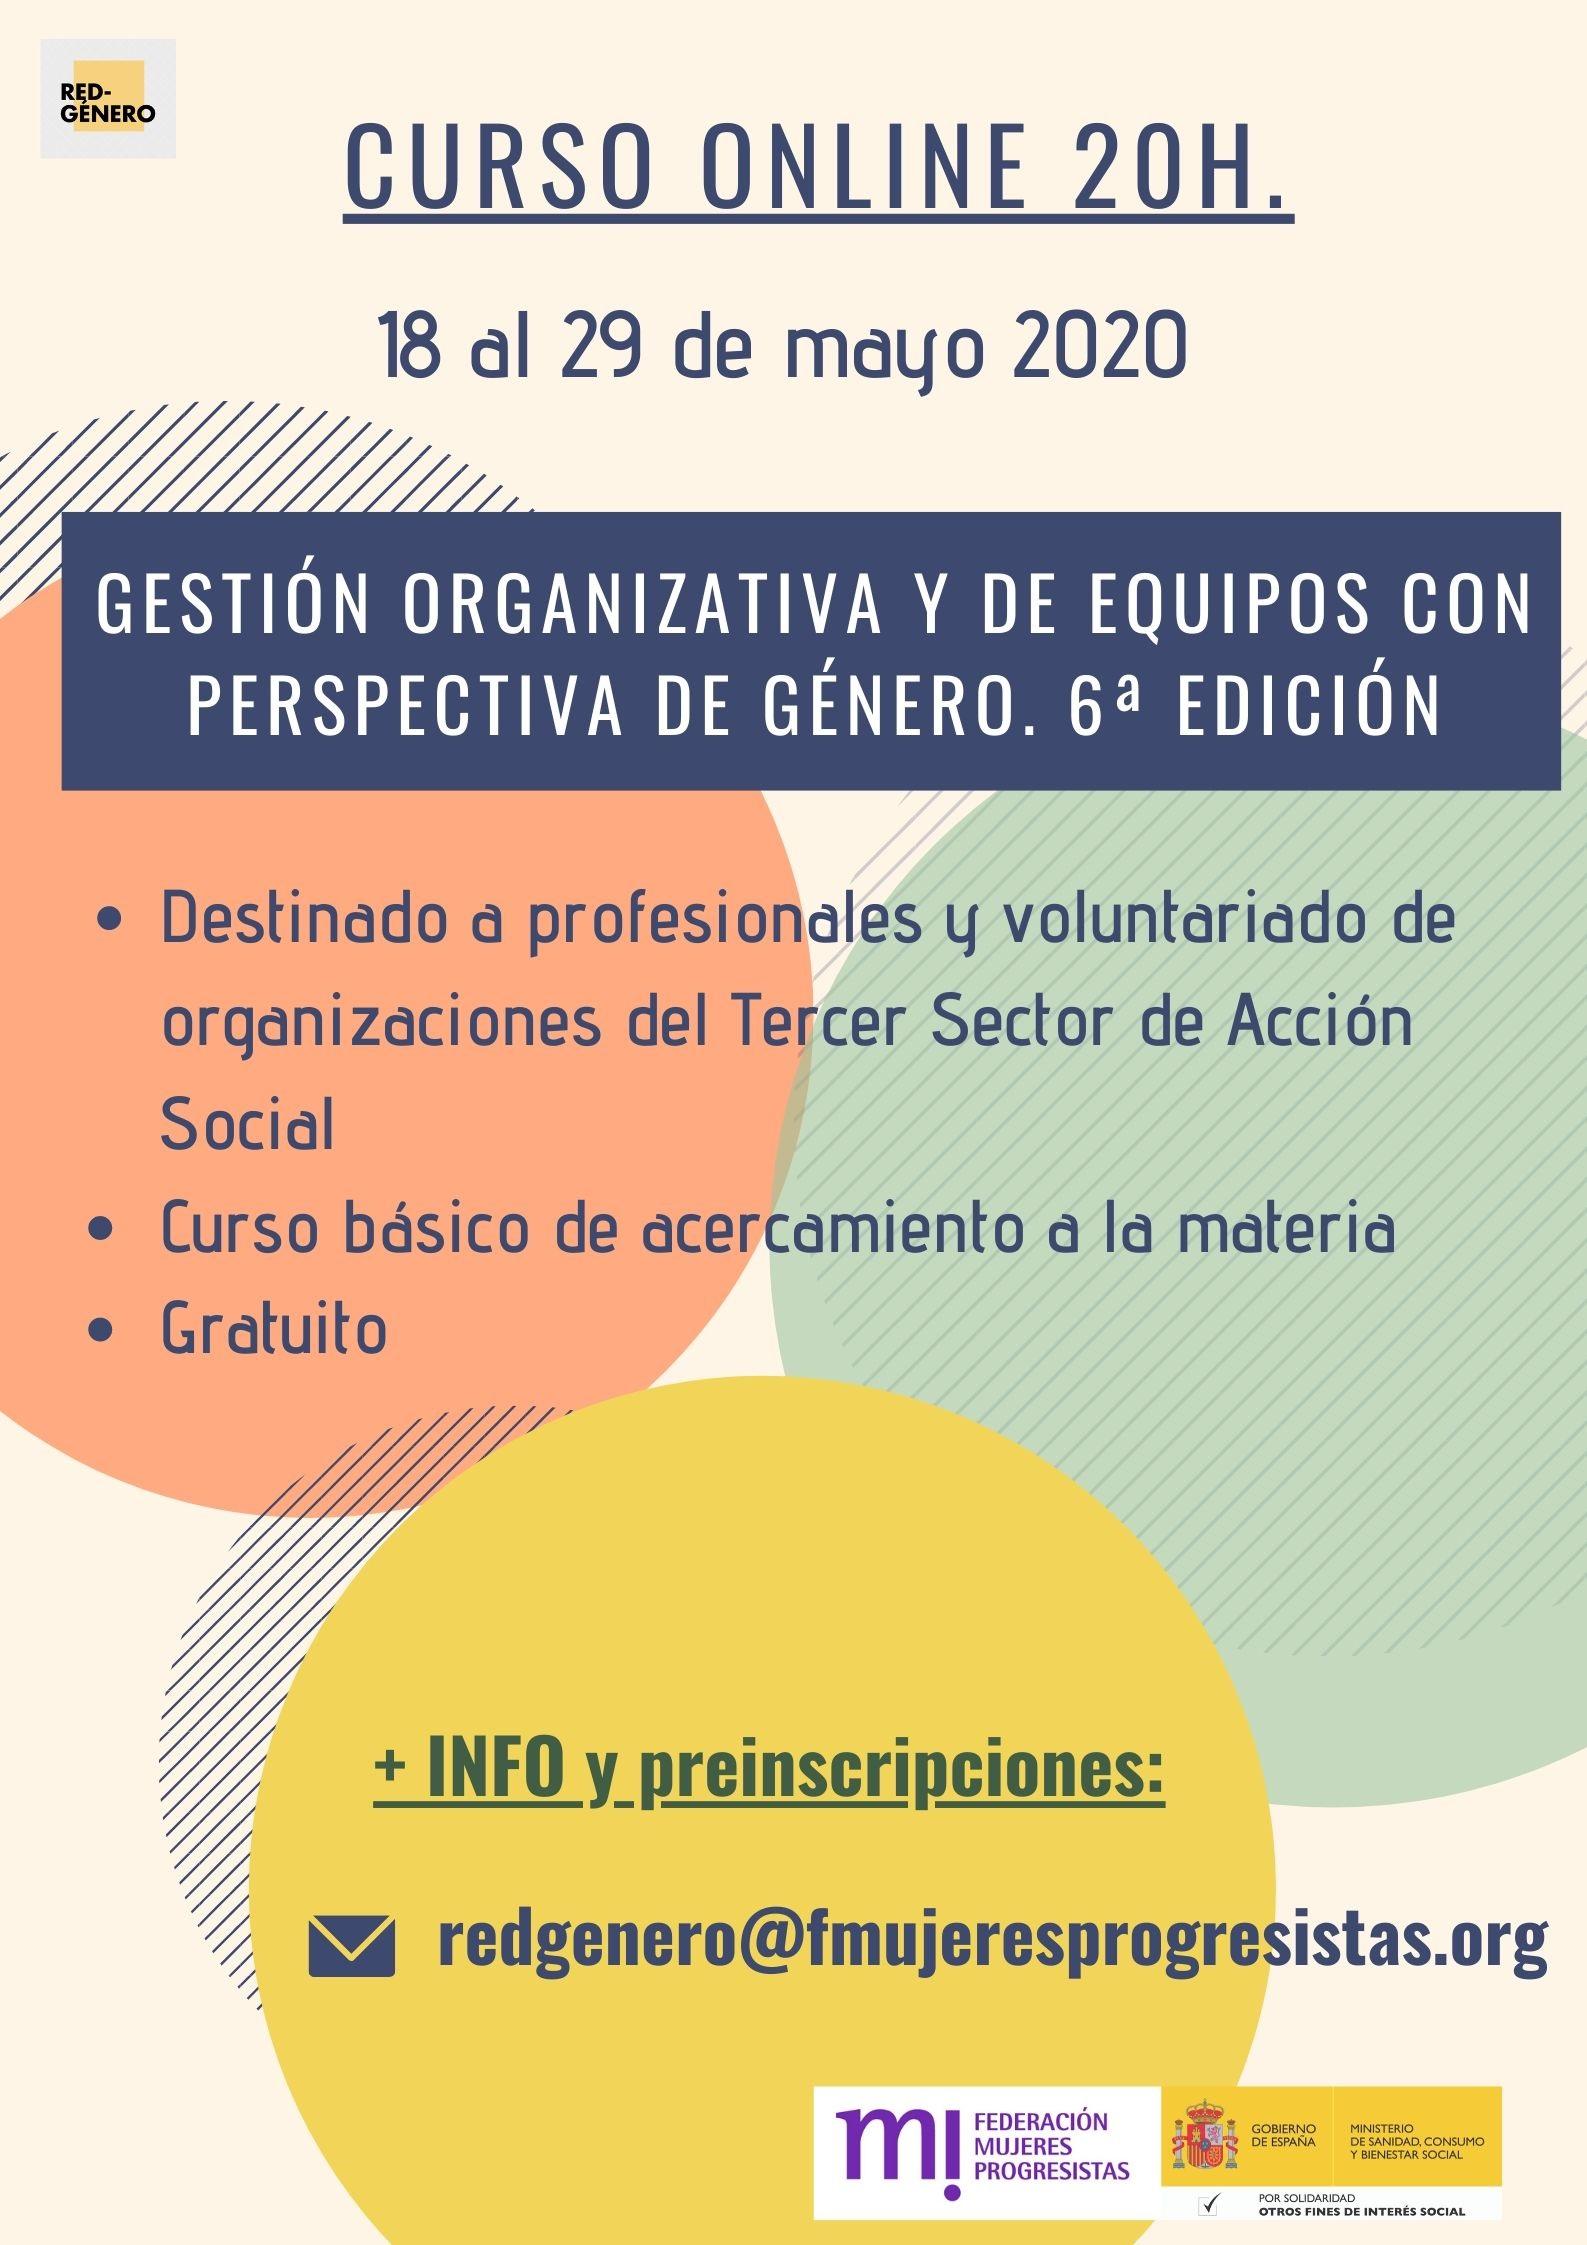 Course Image 6ª Edición. Gestión organizativa y de equipos con perspectiva de género